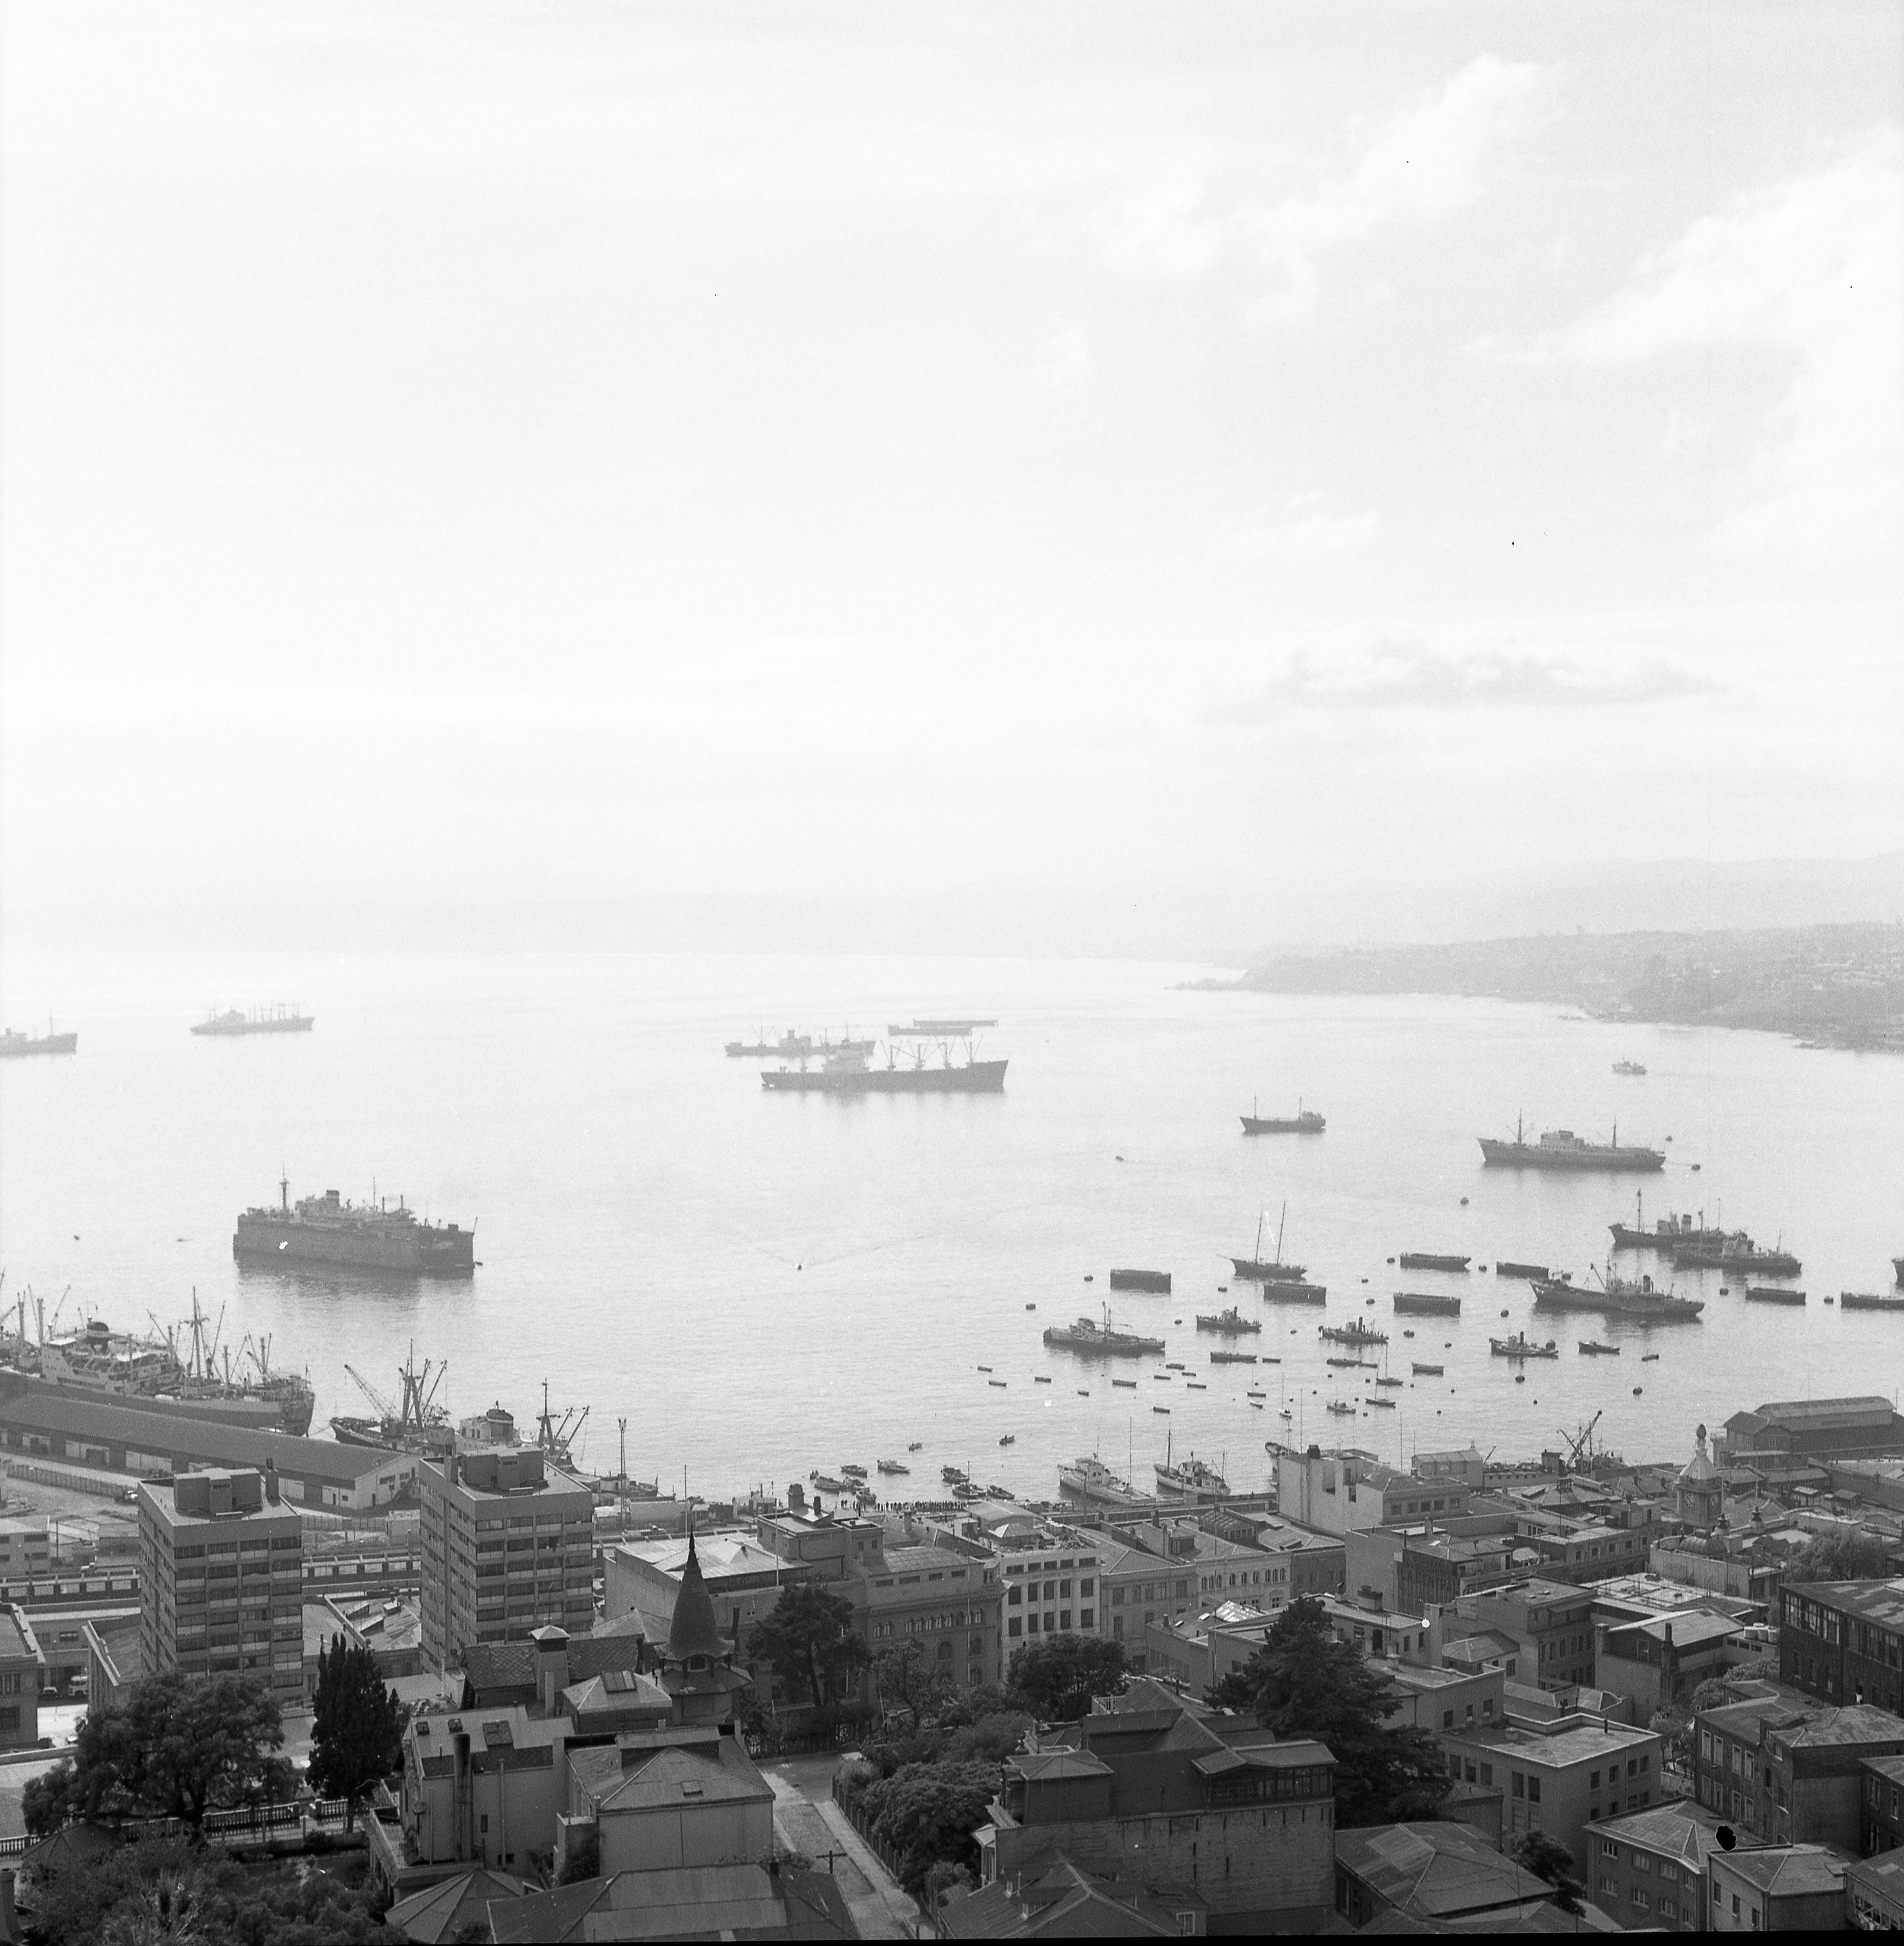 Enterreno - Fotos históricas de chile - fotos antiguas de Chile - Puerto de Valparaíso en 1965